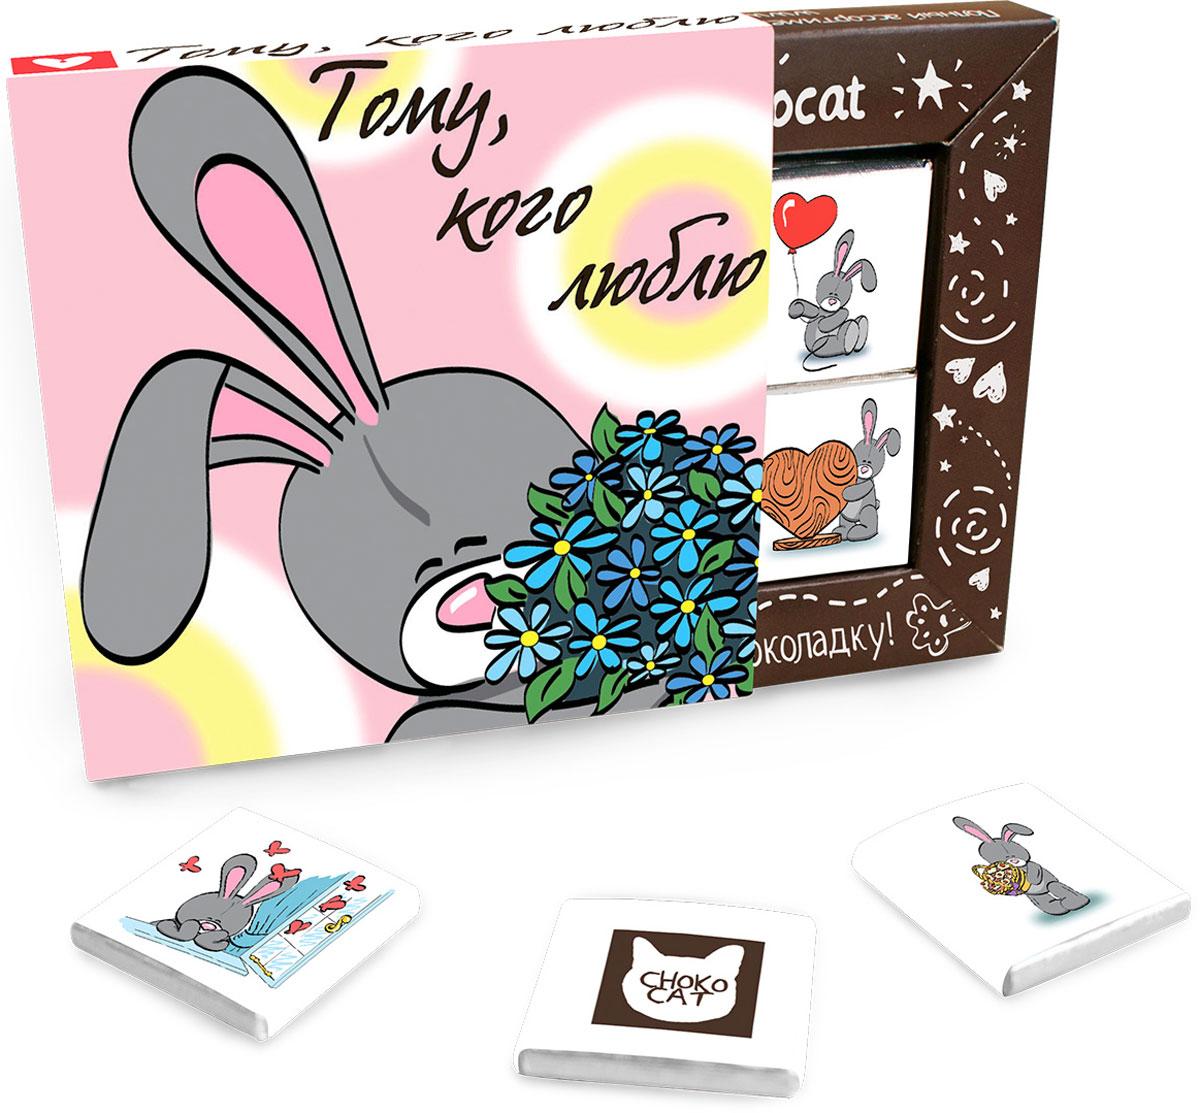 Chokocat Тому кого люблю молочный шоколад, 60 г chokocat календарь зимние забавы молочный шоколад 75 г